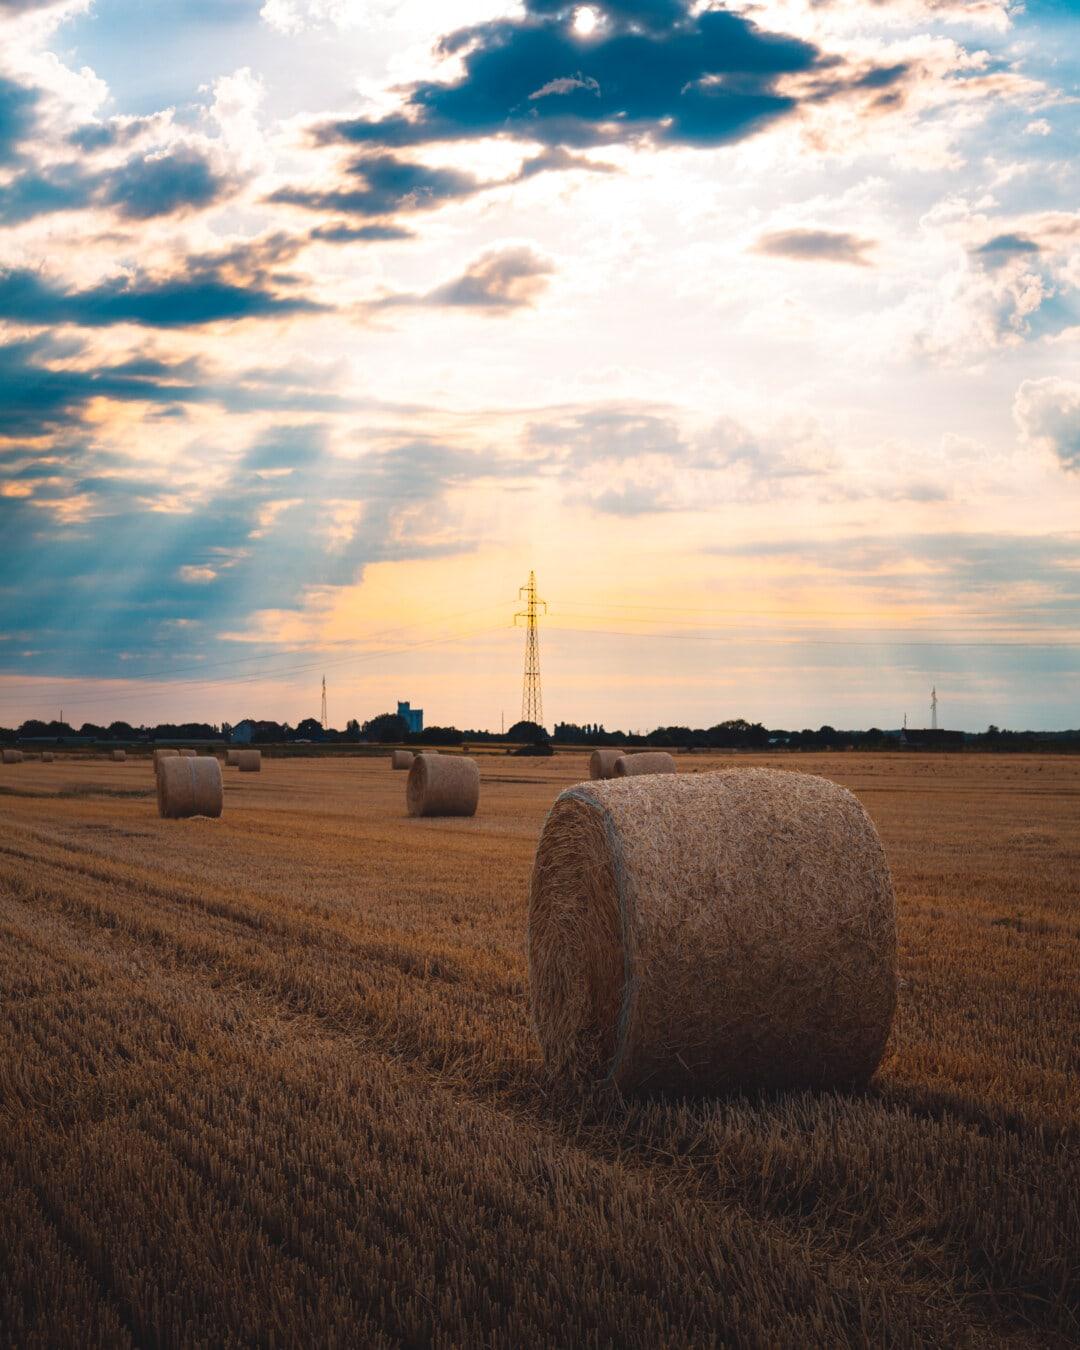 Heuhaufen, Heu-Feld, Hay, Ballen, Sommerzeit, Sonnenuntergang, Sonnenschein, des ländlichen Raums, Landwirtschaft, Stroh